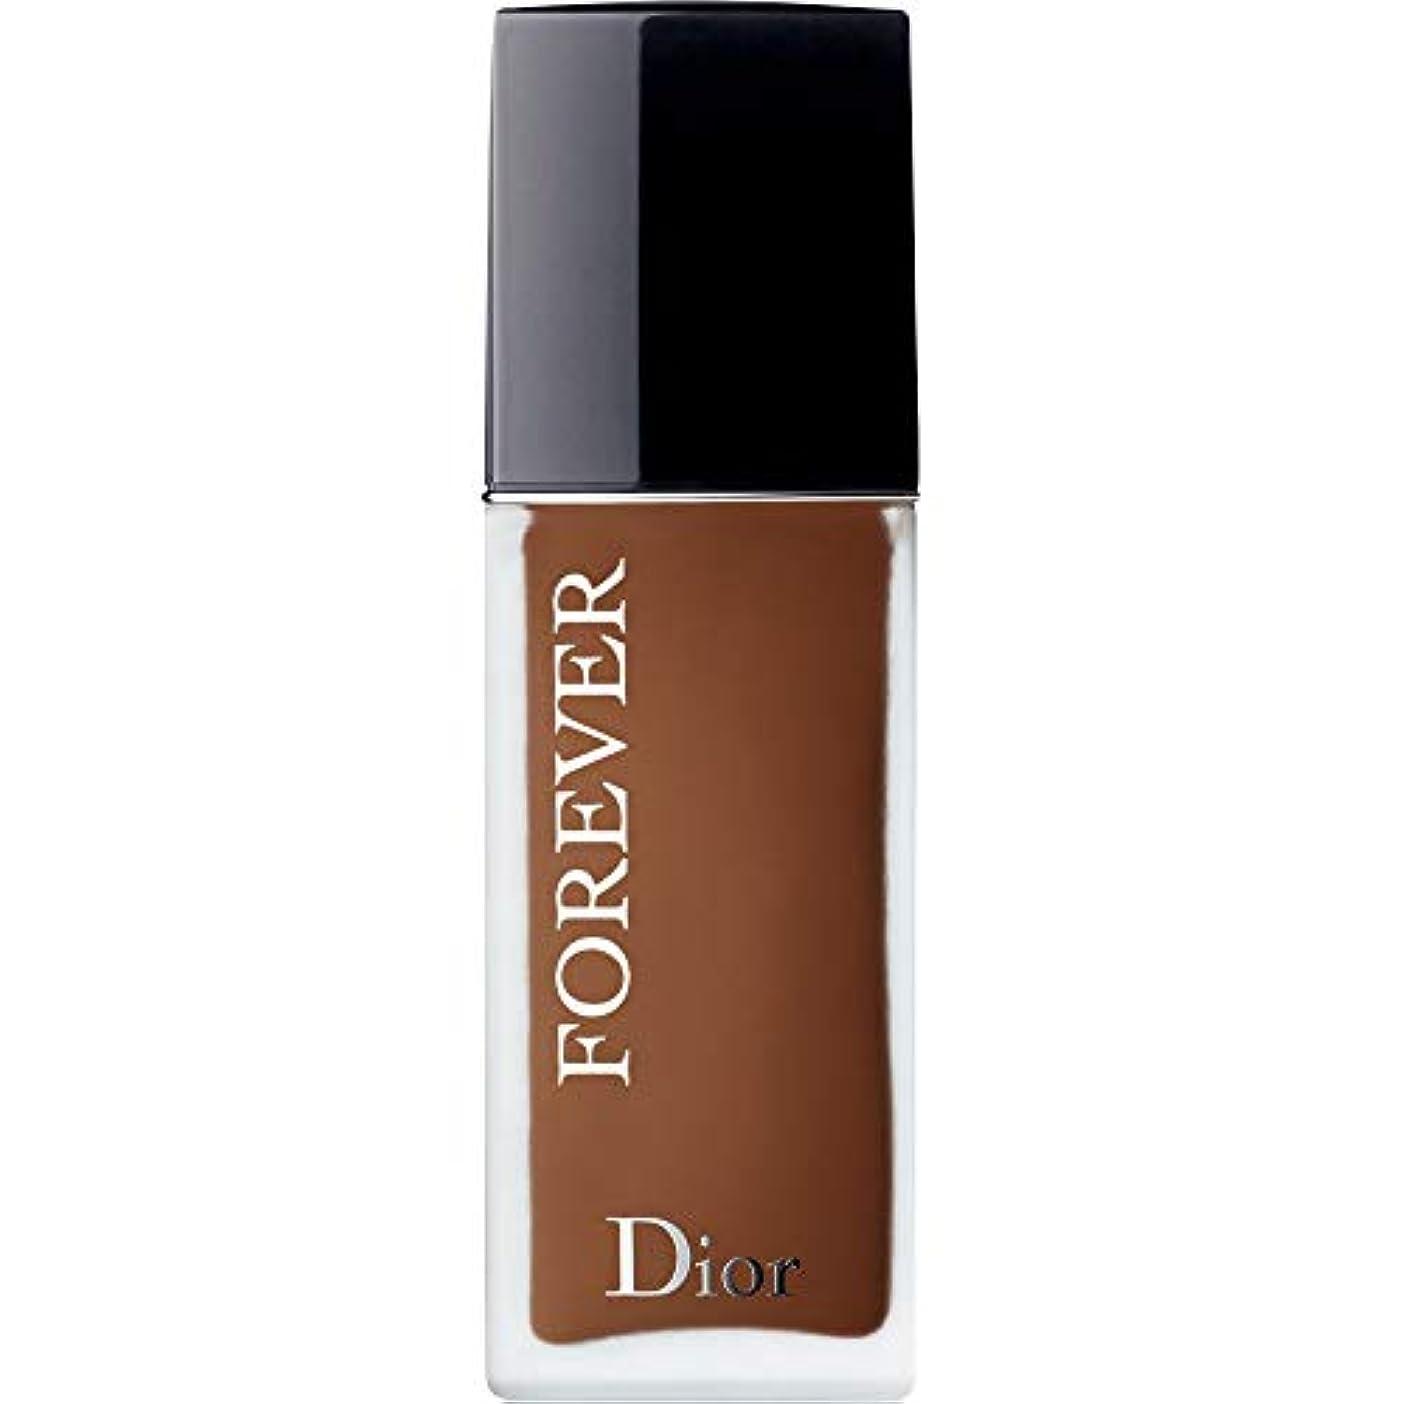 旅客道に迷いました悲しいことに[Dior ] ディオール永遠皮膚思いやりの基盤Spf35 30ミリリットルの8N - ニュートラル(つや消し) - DIOR Forever Skin-Caring Foundation SPF35 30ml 8N -...